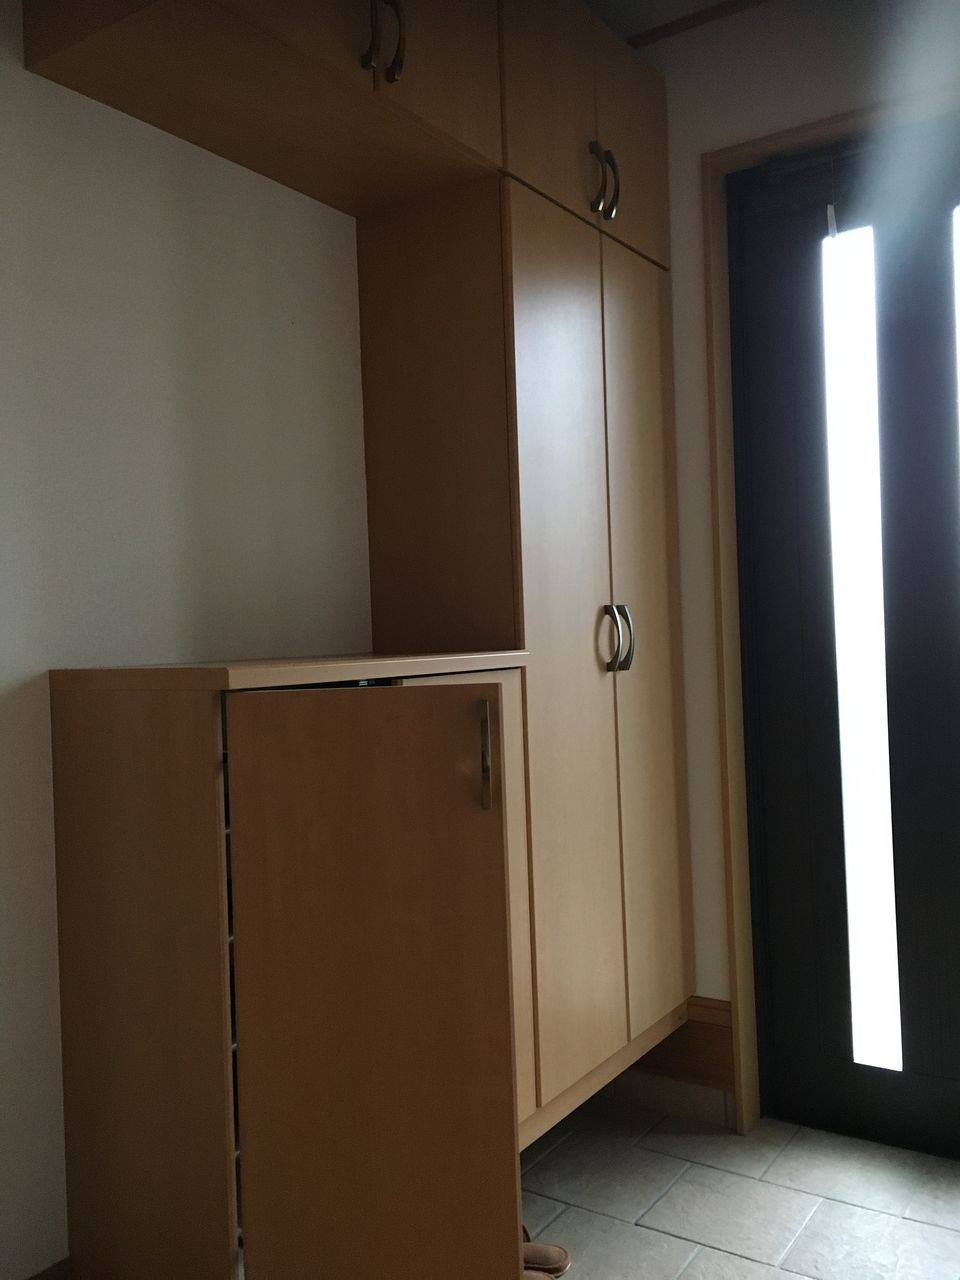 熊本市東区桜木の戸建住宅です。